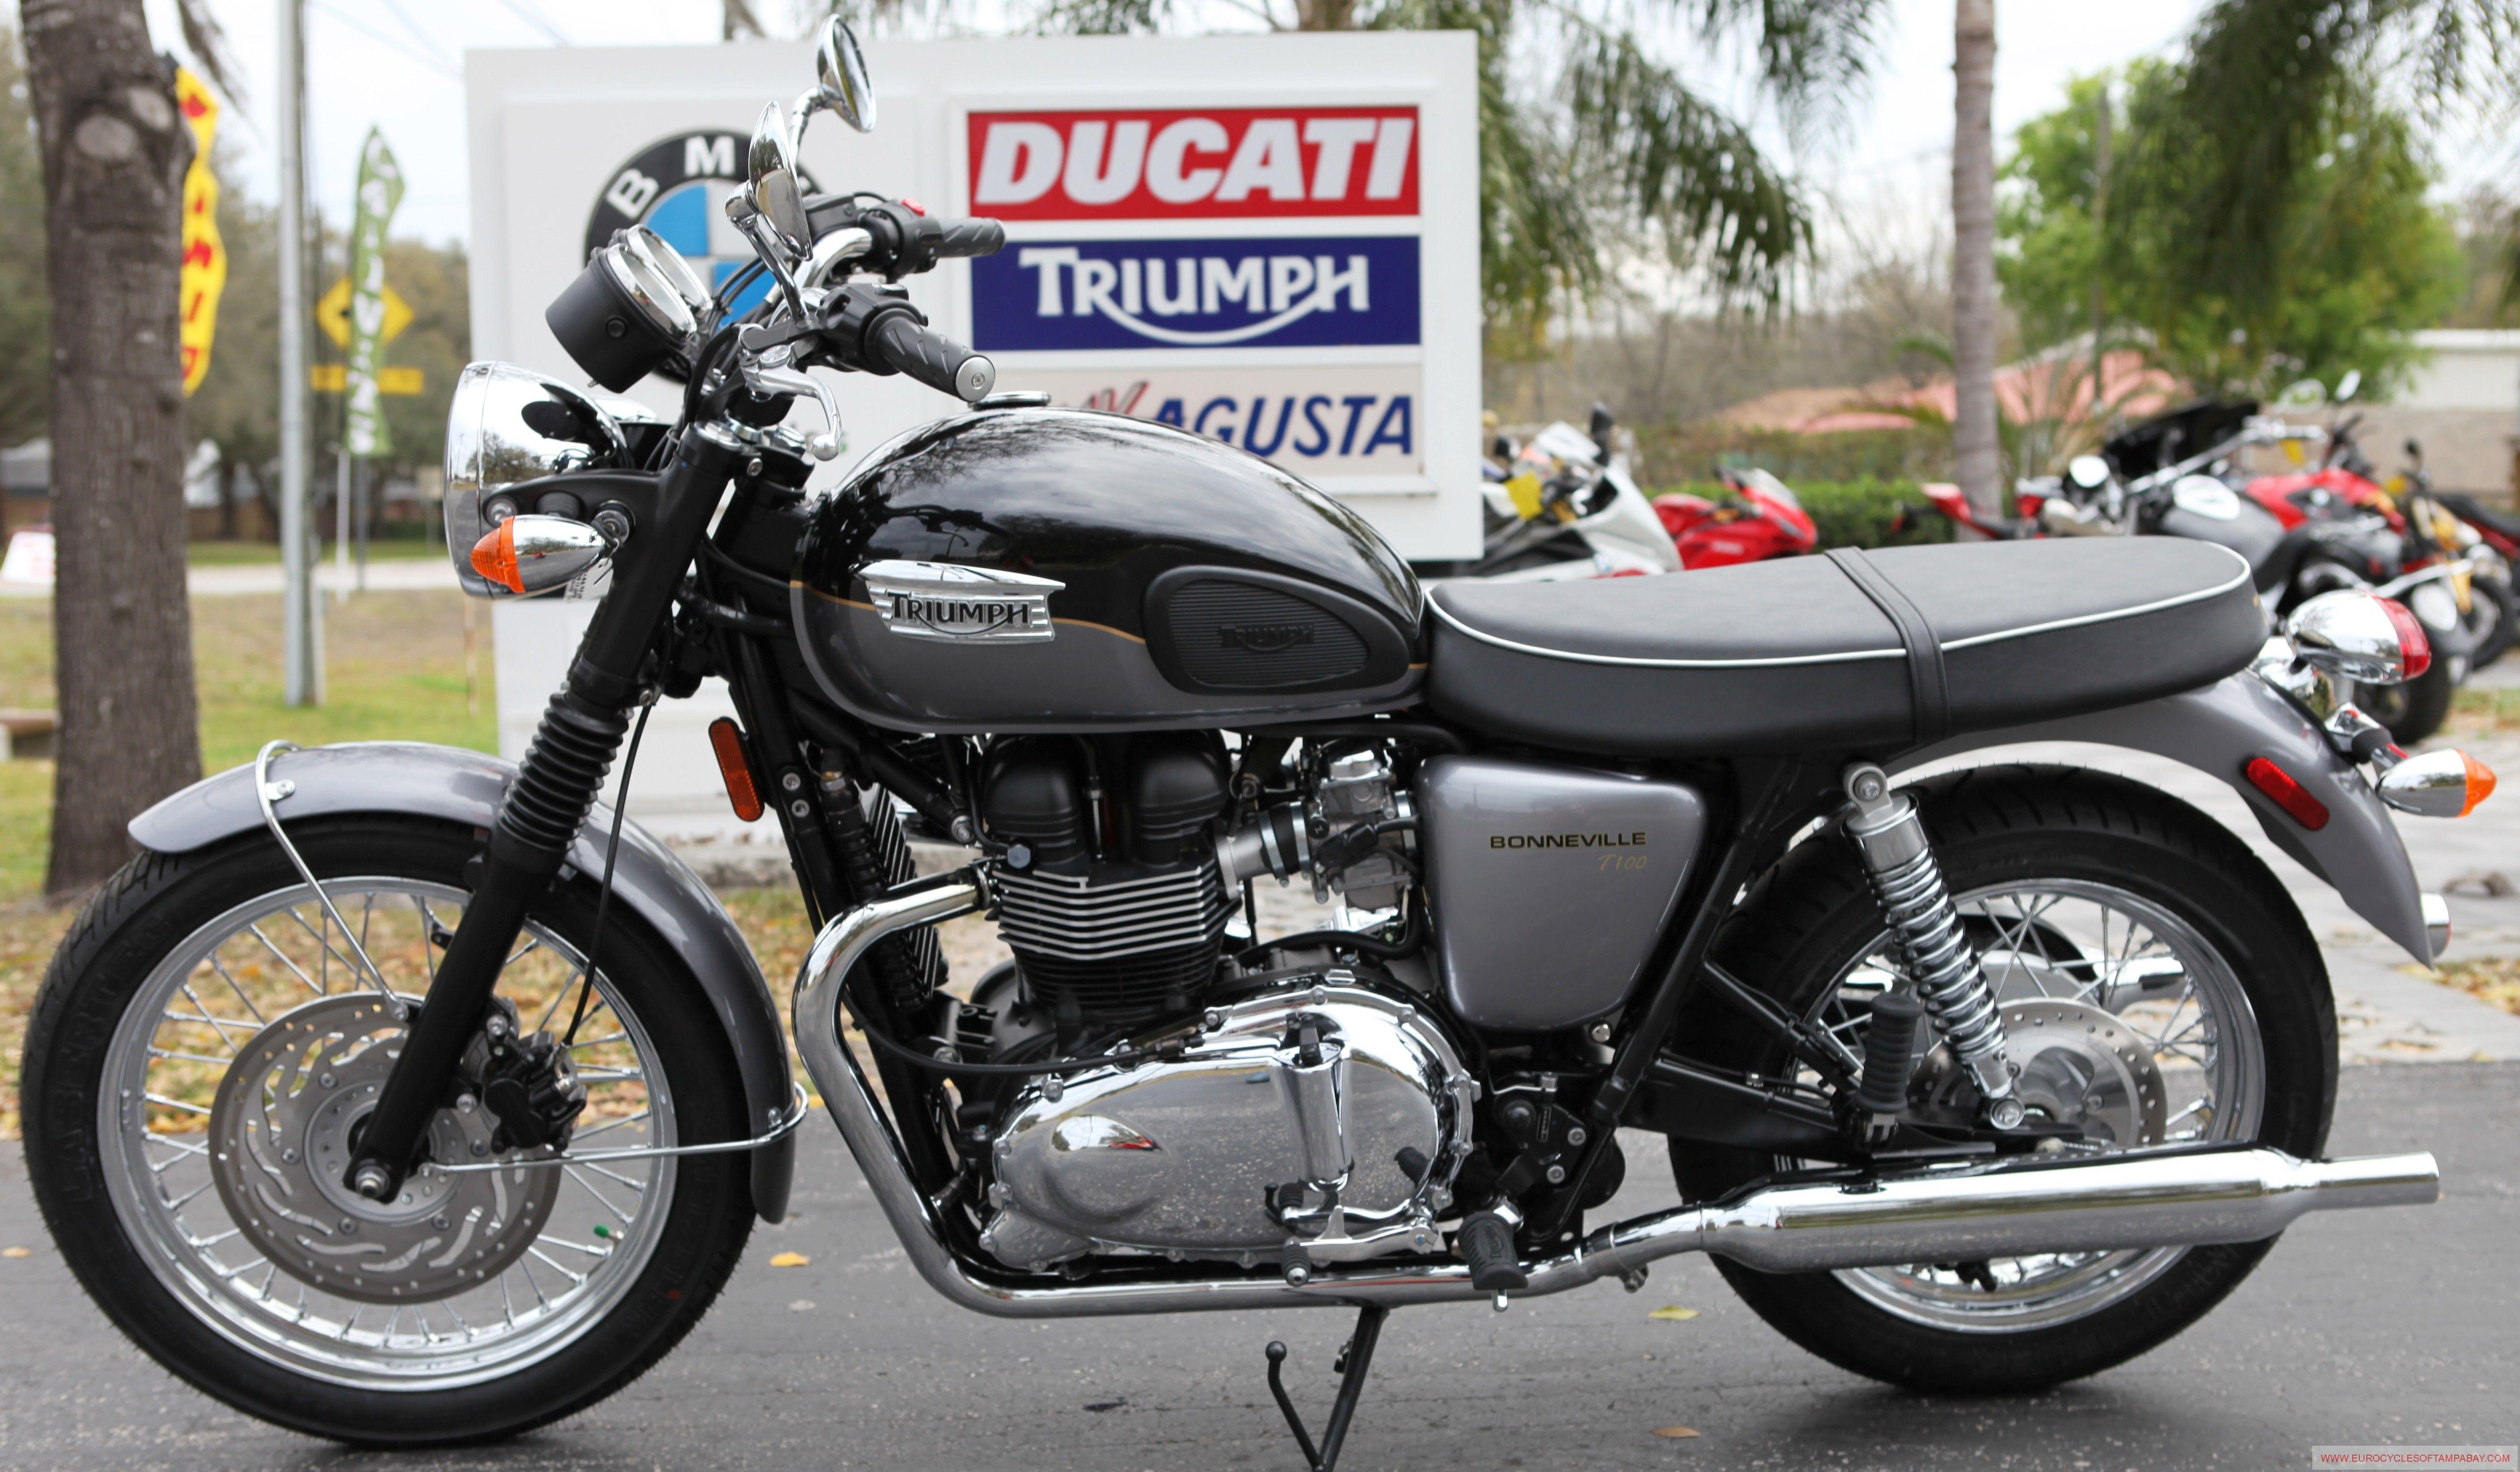 2013 triumph bonneville | Motorcycle | Pinterest | Triumph ...